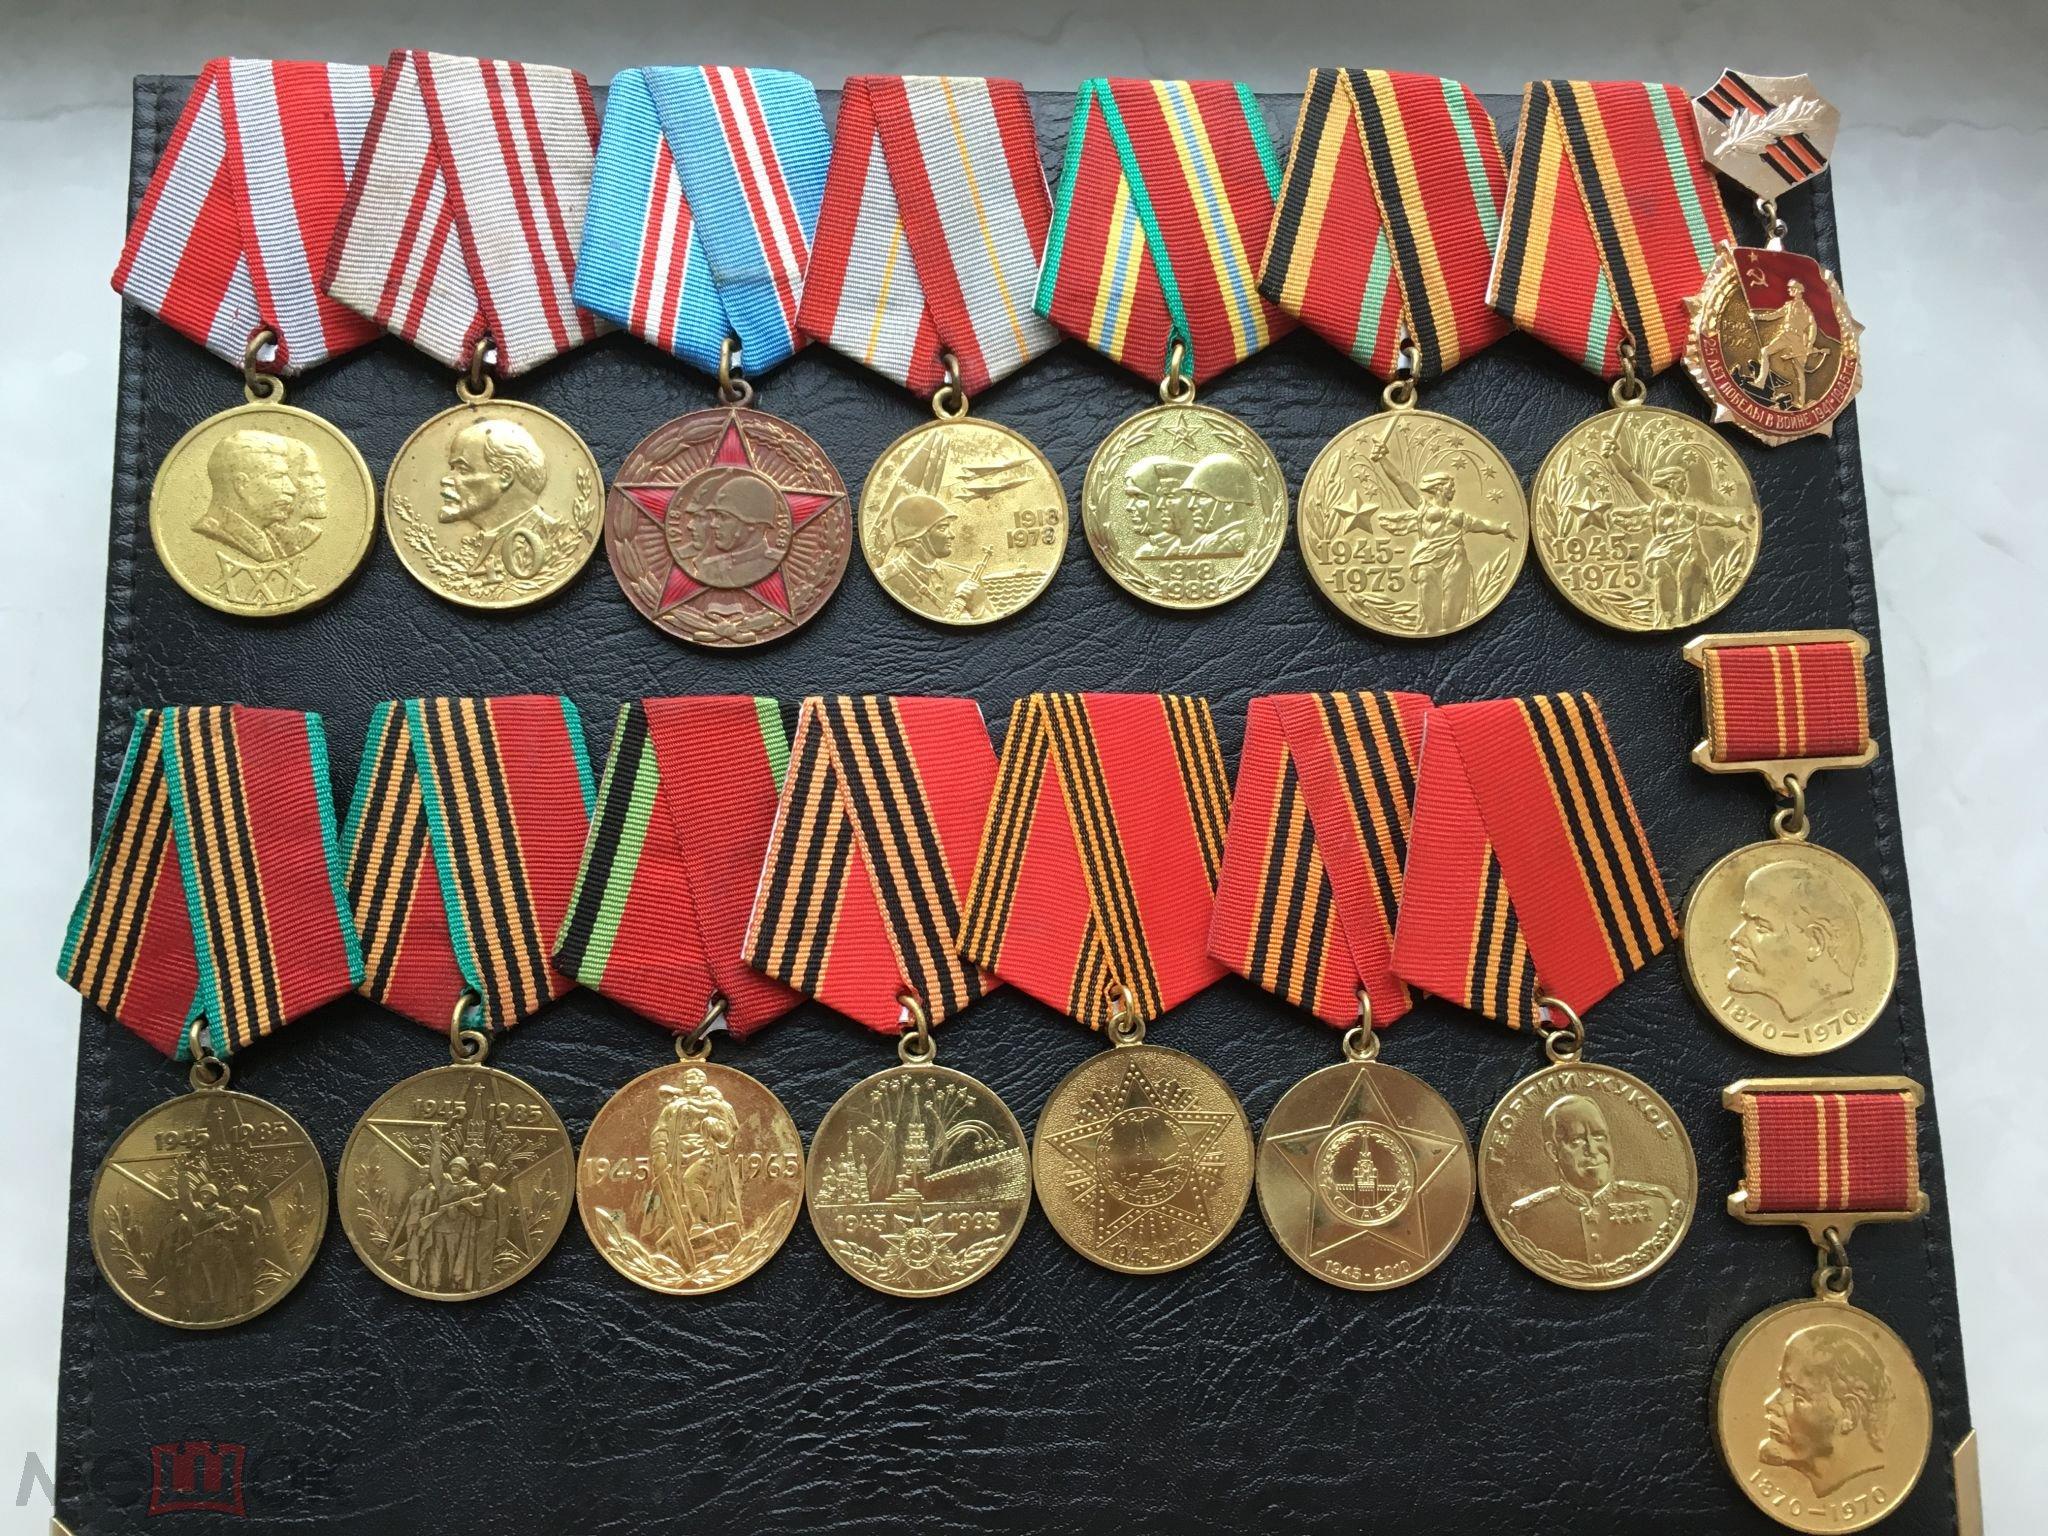 Картинки орденов и медалей великой отечественной войны